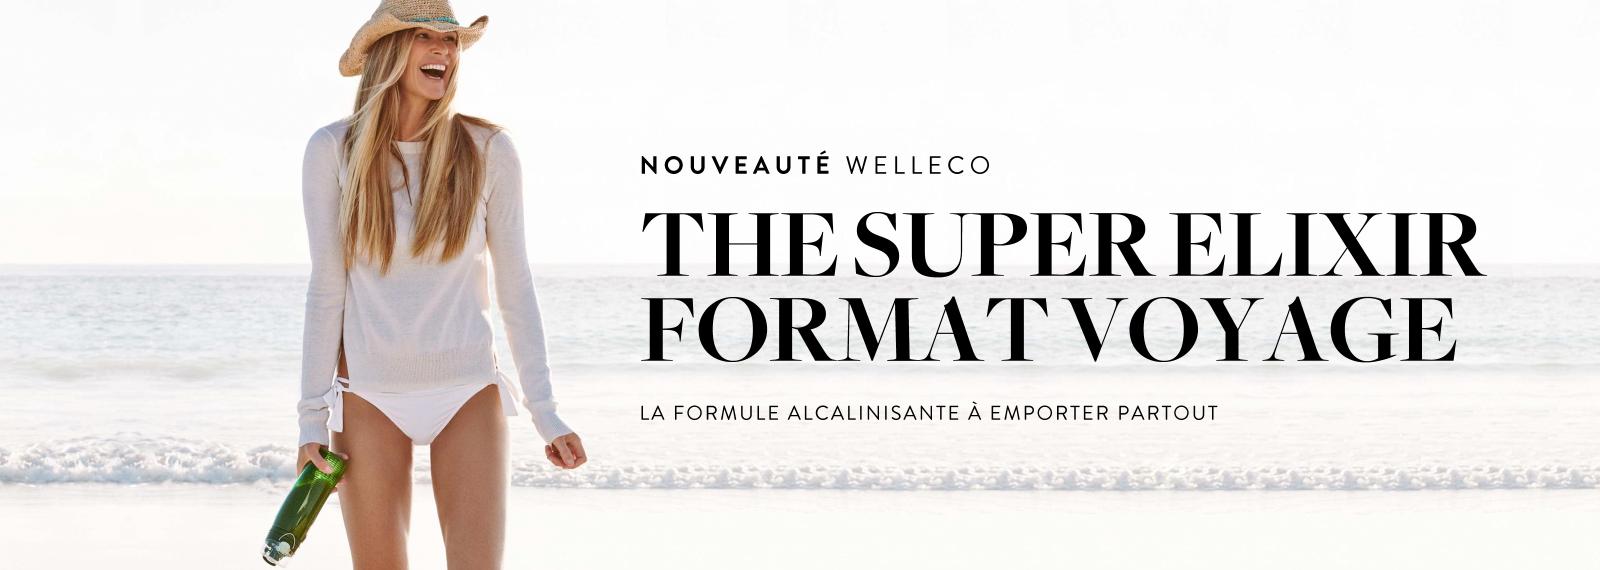 Nouveauté WELLECO - Super Elixir Format Voyage